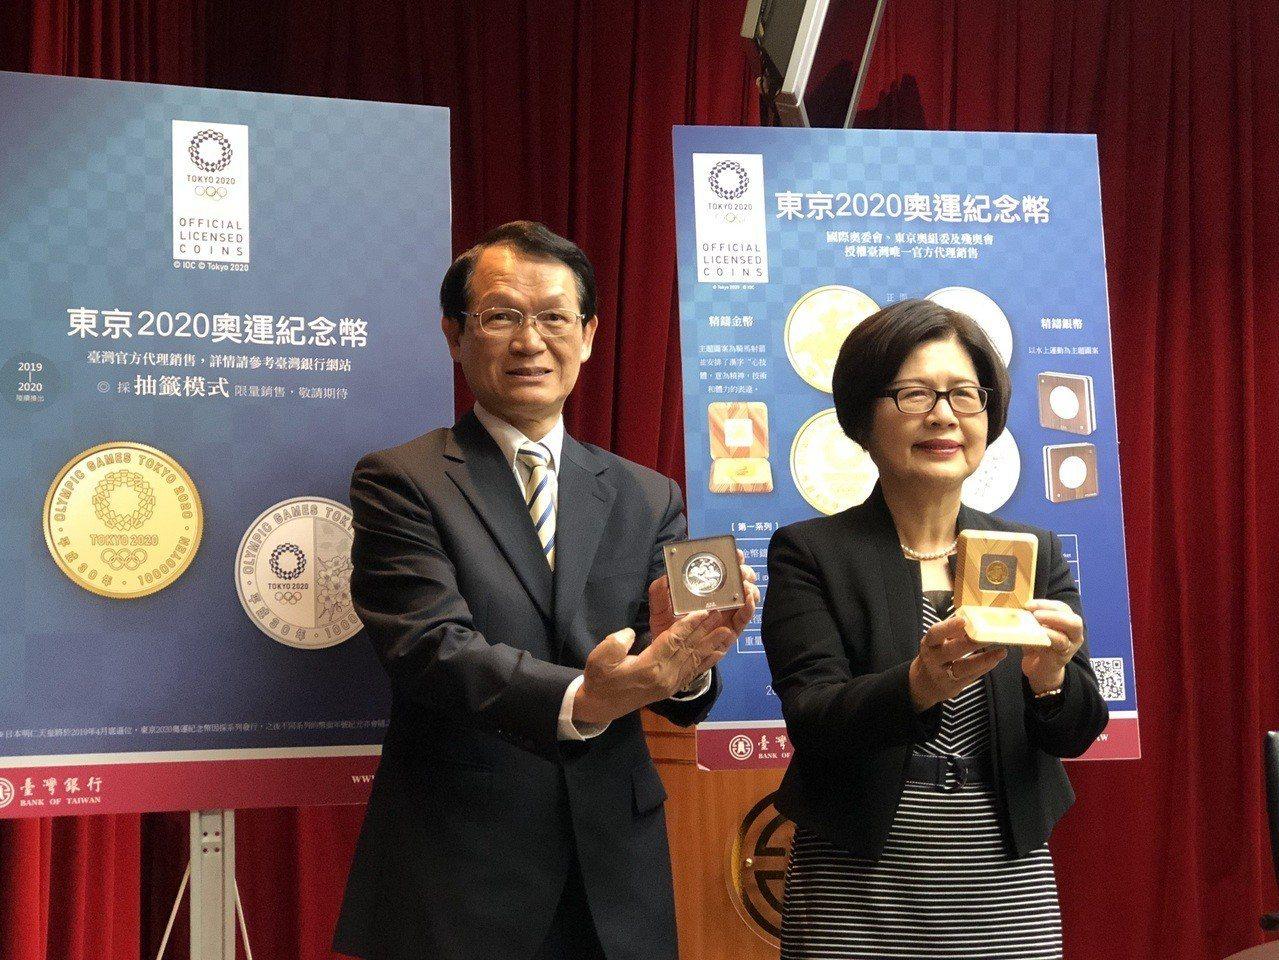 台灣銀行今年歡慶120周年,今天舉辦快閃音樂會暨東京2020奧運第一系列紀念金、...